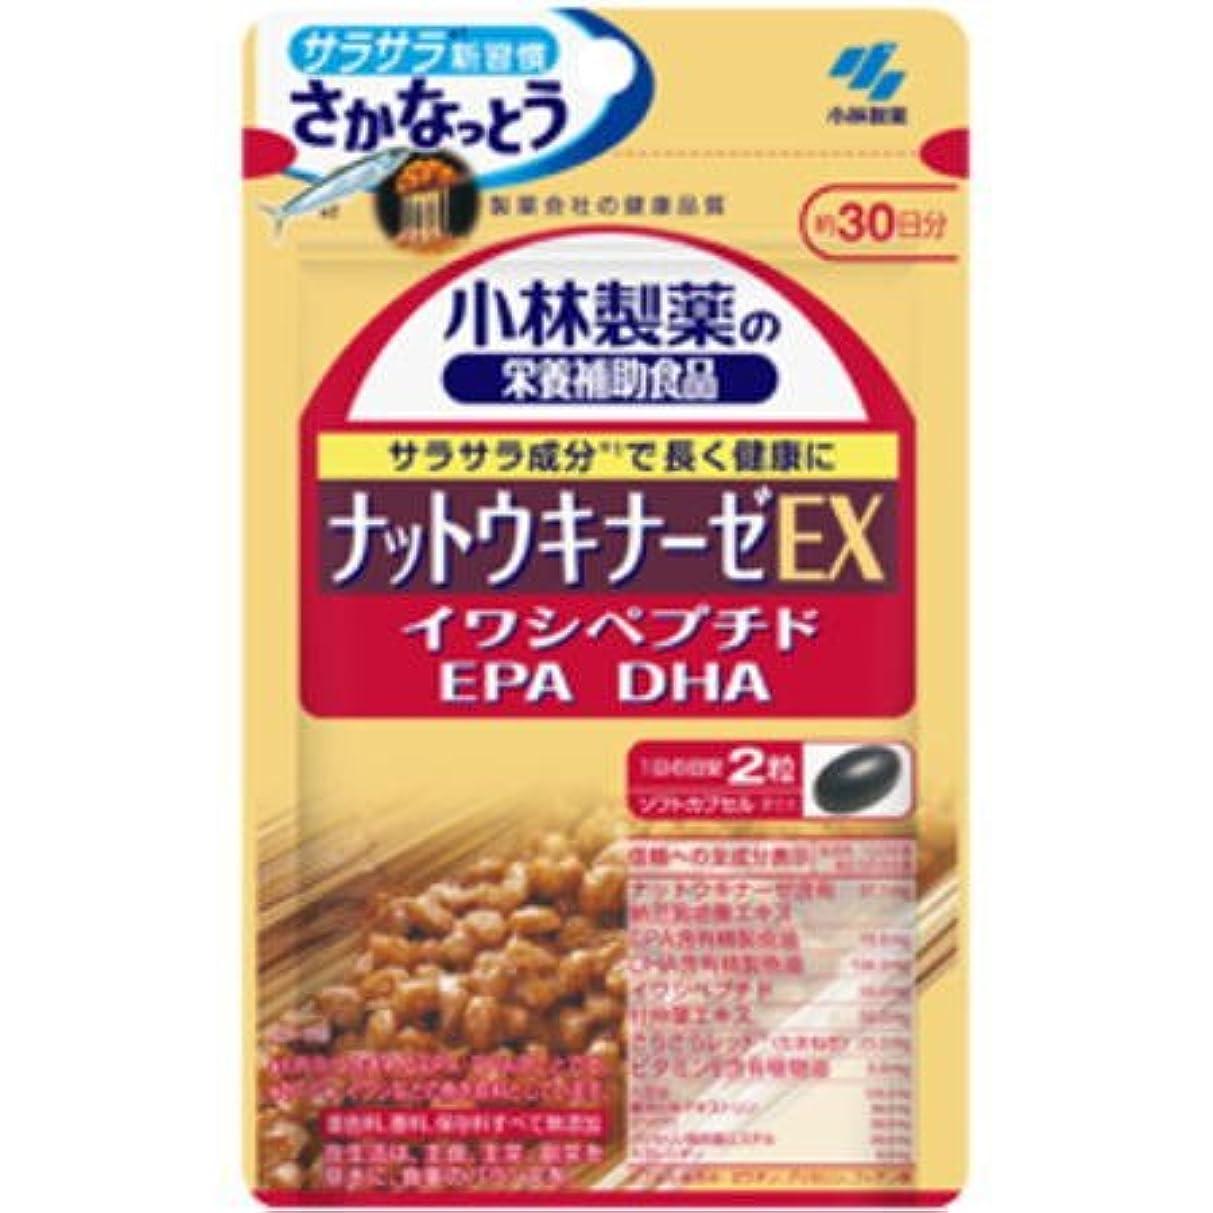 飾り羽伝記姓小林製薬 ナットウキナーゼ EX 60粒×6個セット